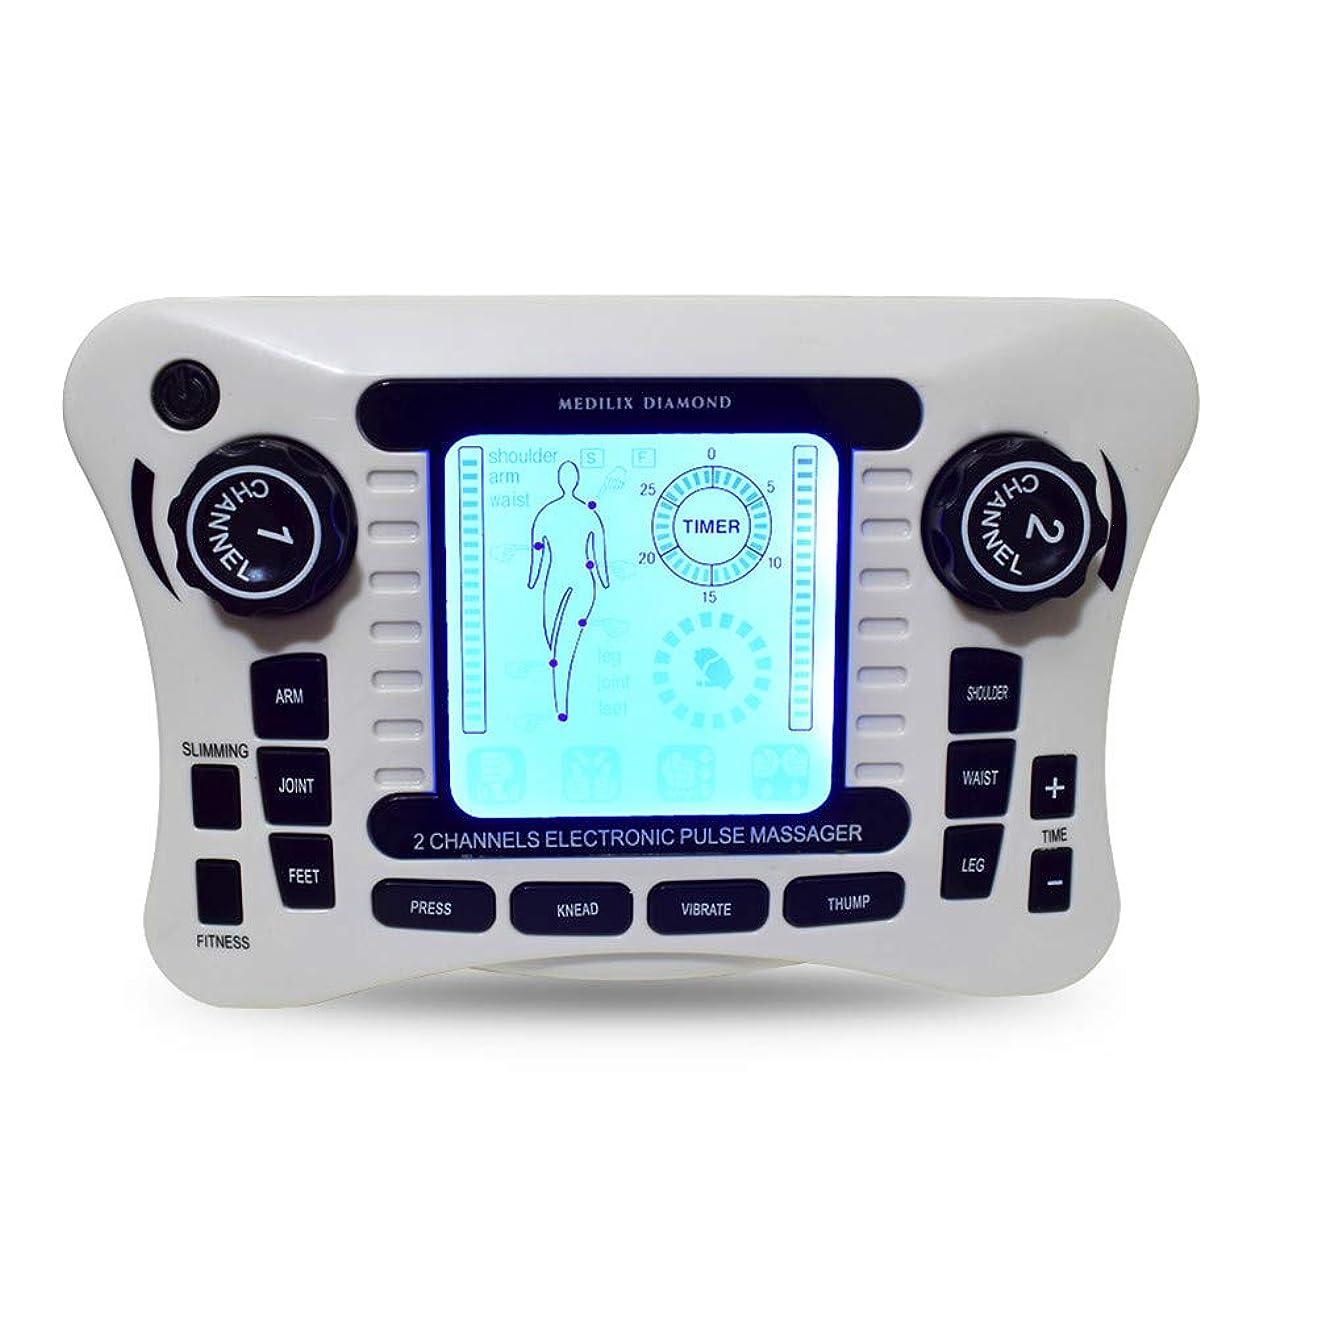 空気インスタントキウイTENSマッサージャー、多機能ポータブル低周波理学療法器具、肩、腰、関節、手、足、脚の2チャンネルパルス鍼治療